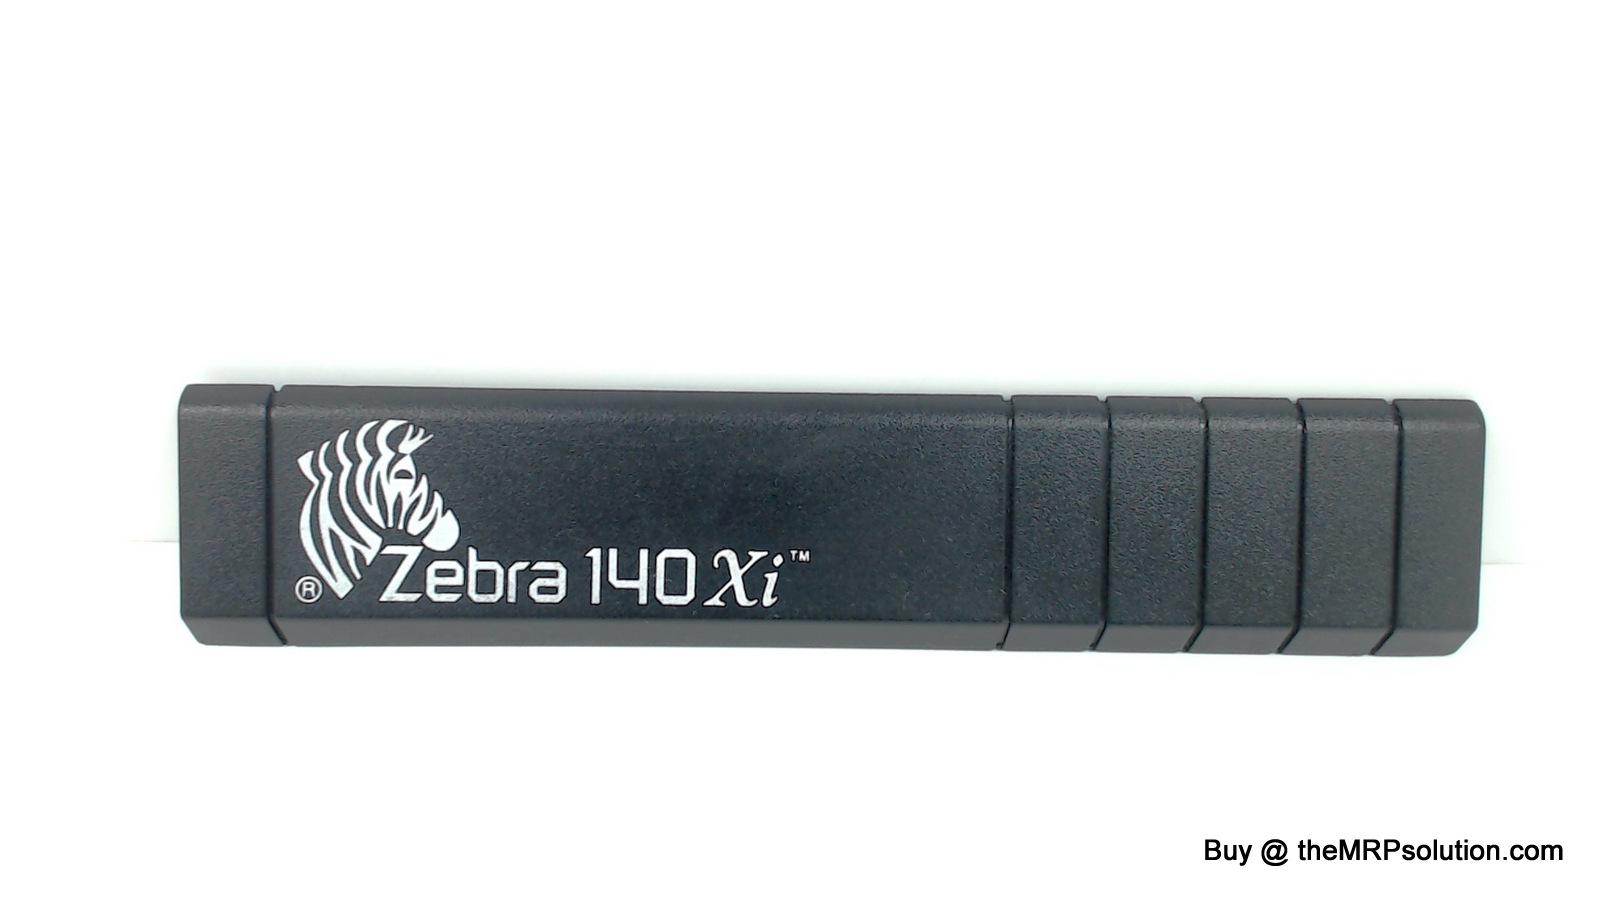 ZEBRA 46490-2 NAME PLATE, 140XI New